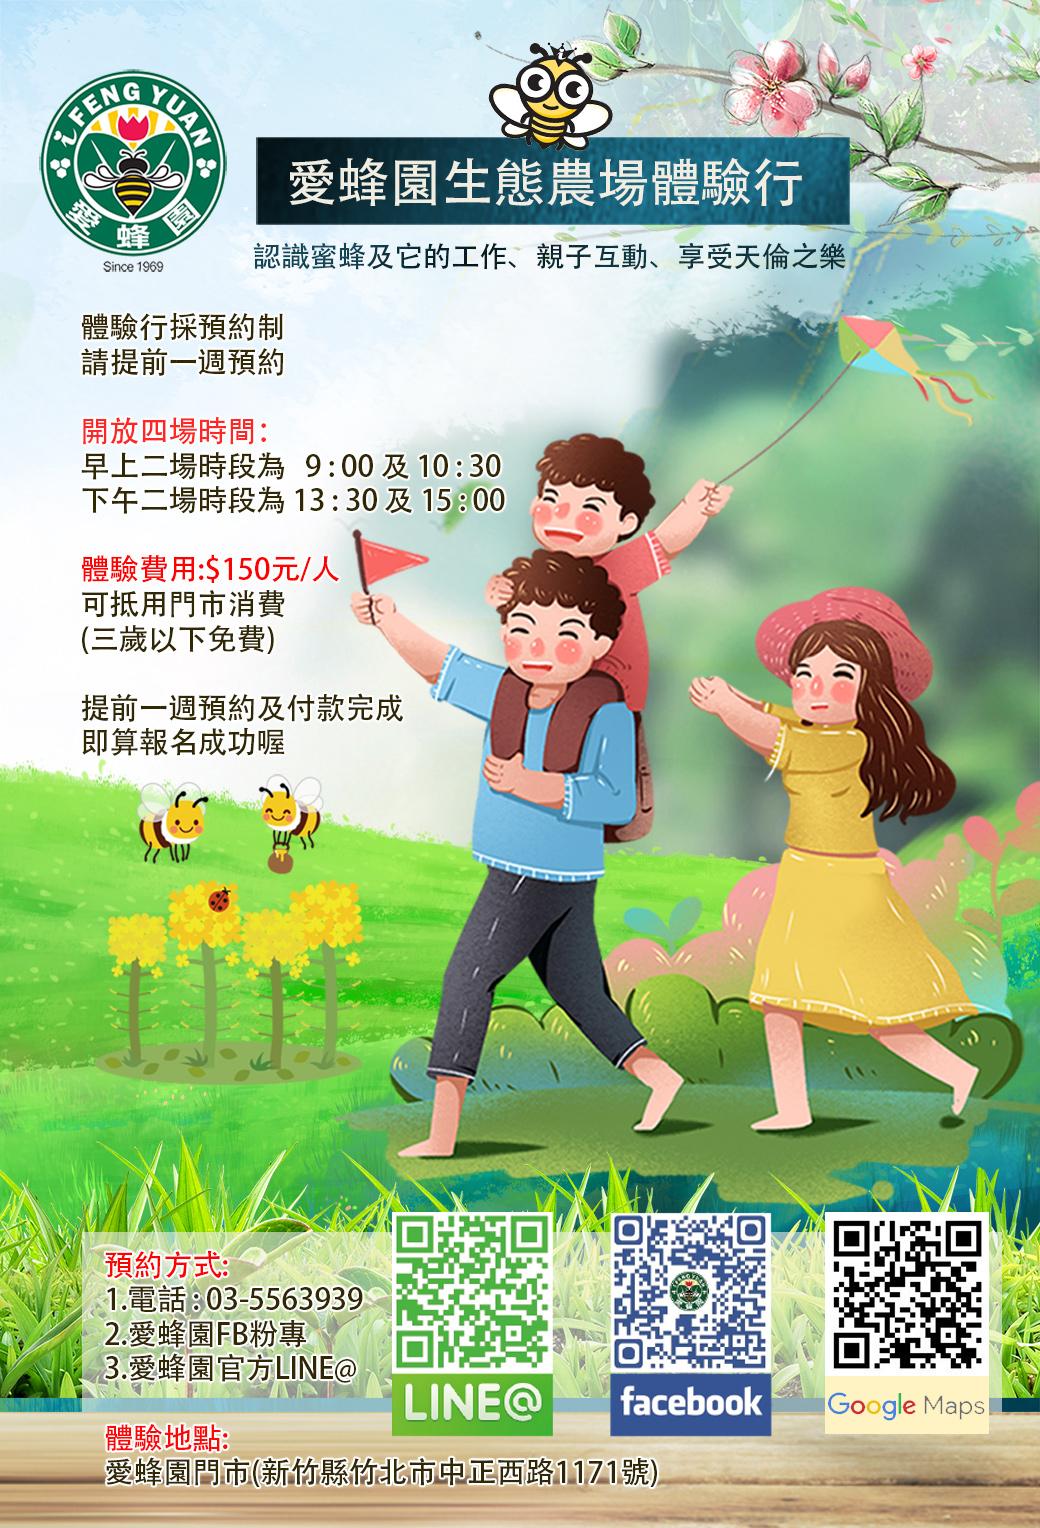 愛蜂園的生態游行海報-簡介說明.jpg